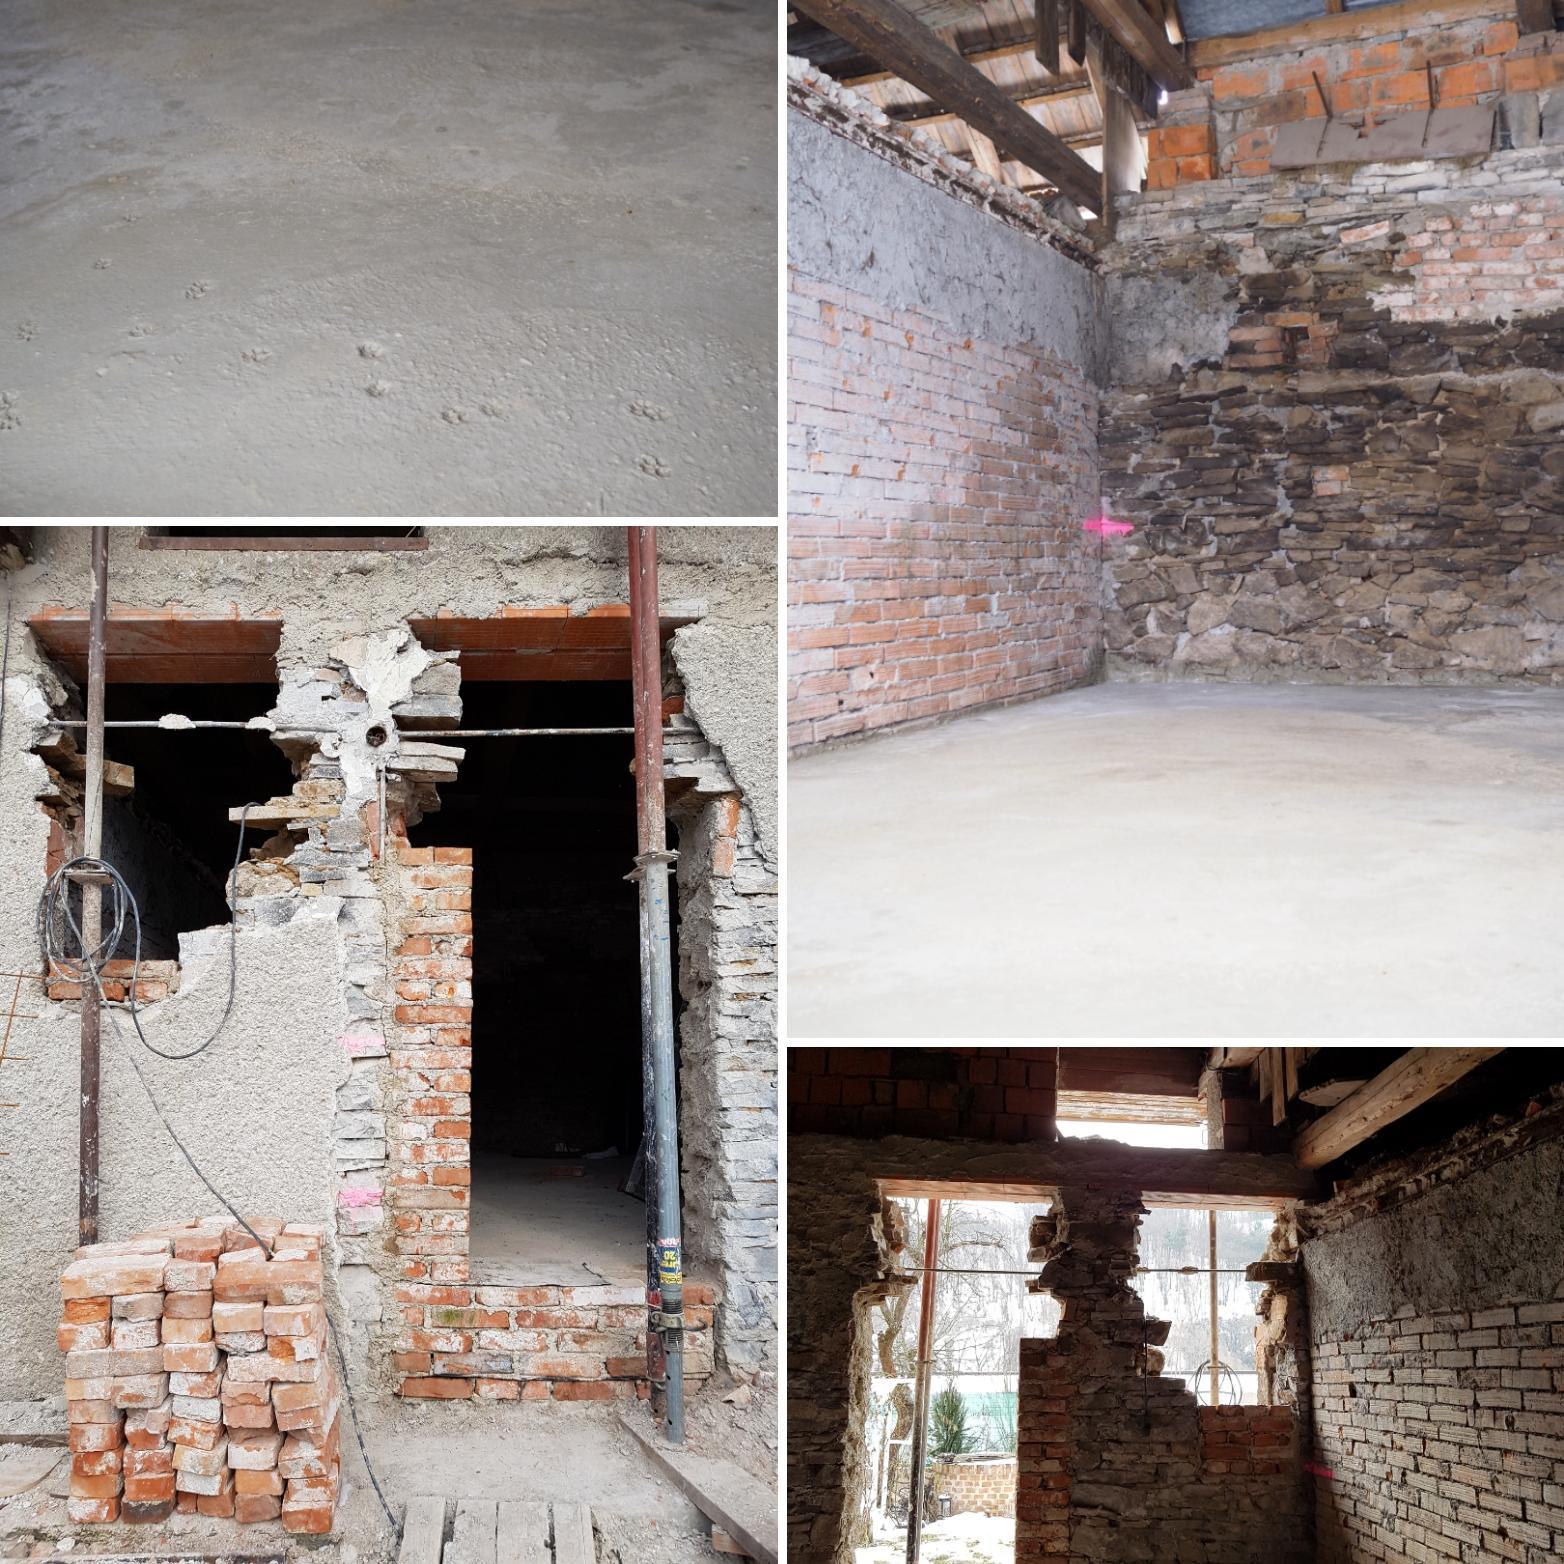 Rekonštrukcia 100ročného domu - aktuálny stav k 19/3/2018 http://www.prairie-charm.com/2018/03/reconstruction-mode-mod-zapnuty-na.html